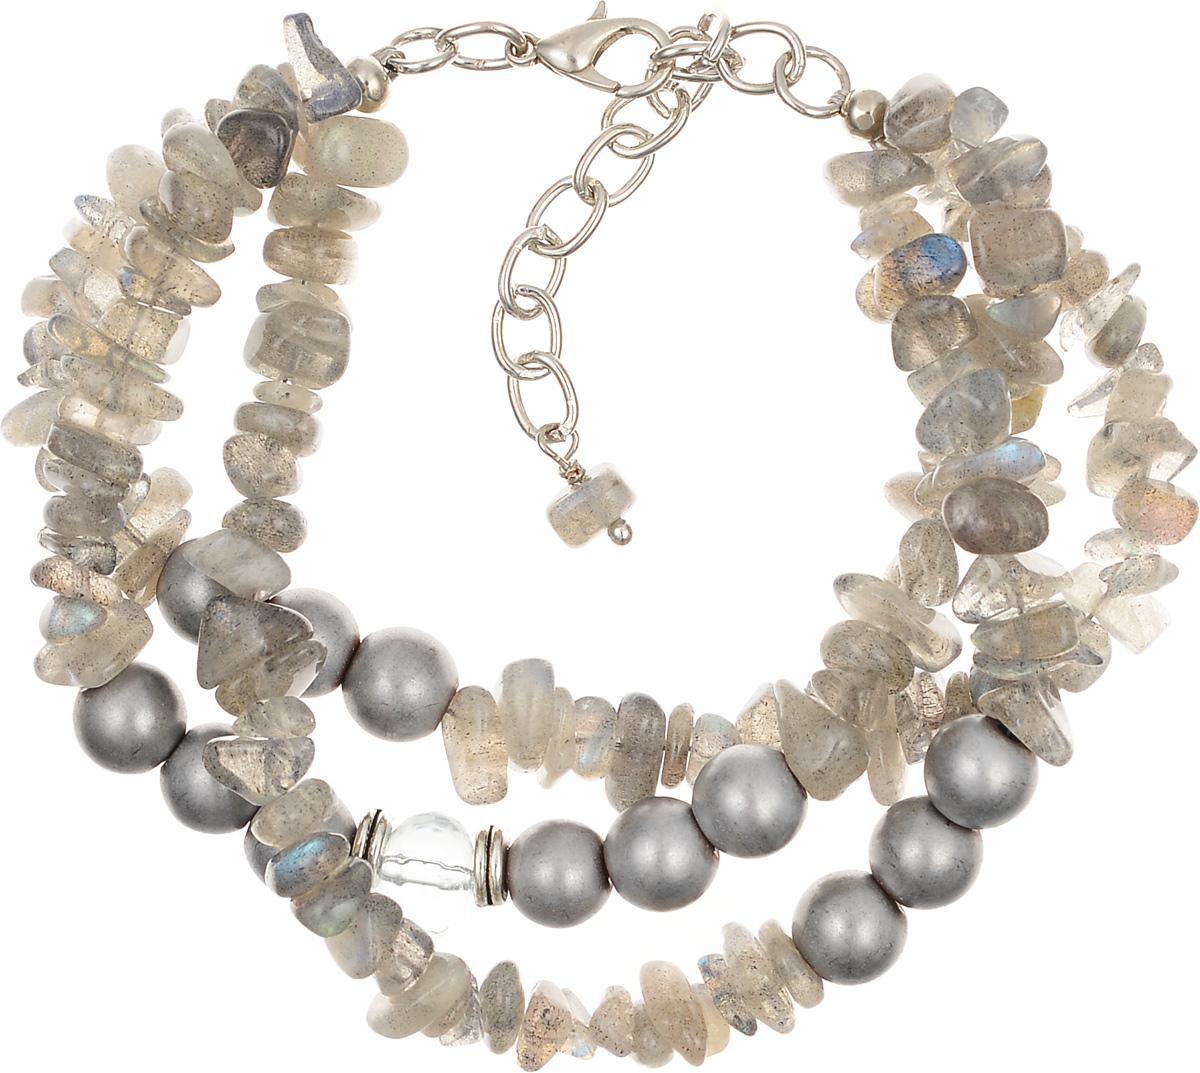 Браслет Polina Selezneva, цвет: серый, серебристый. 002-2595002-2595Элегантный браслет Polina Selezneva изготовлен из ювелирного сплава и натуральных камней. Лаконичные бусины из гематита и разнообразные по форме, переливающиеся кристаллы лабрадора прекрасно сочетаются межу собой. Изделие застегивается на замок-карабин, который надежно зафиксирует браслет на запястье. Обхват регулируется. Стильный браслет Polina Selezneva поможет дополнить любой образ и привнести в него завершающий яркий штрих.